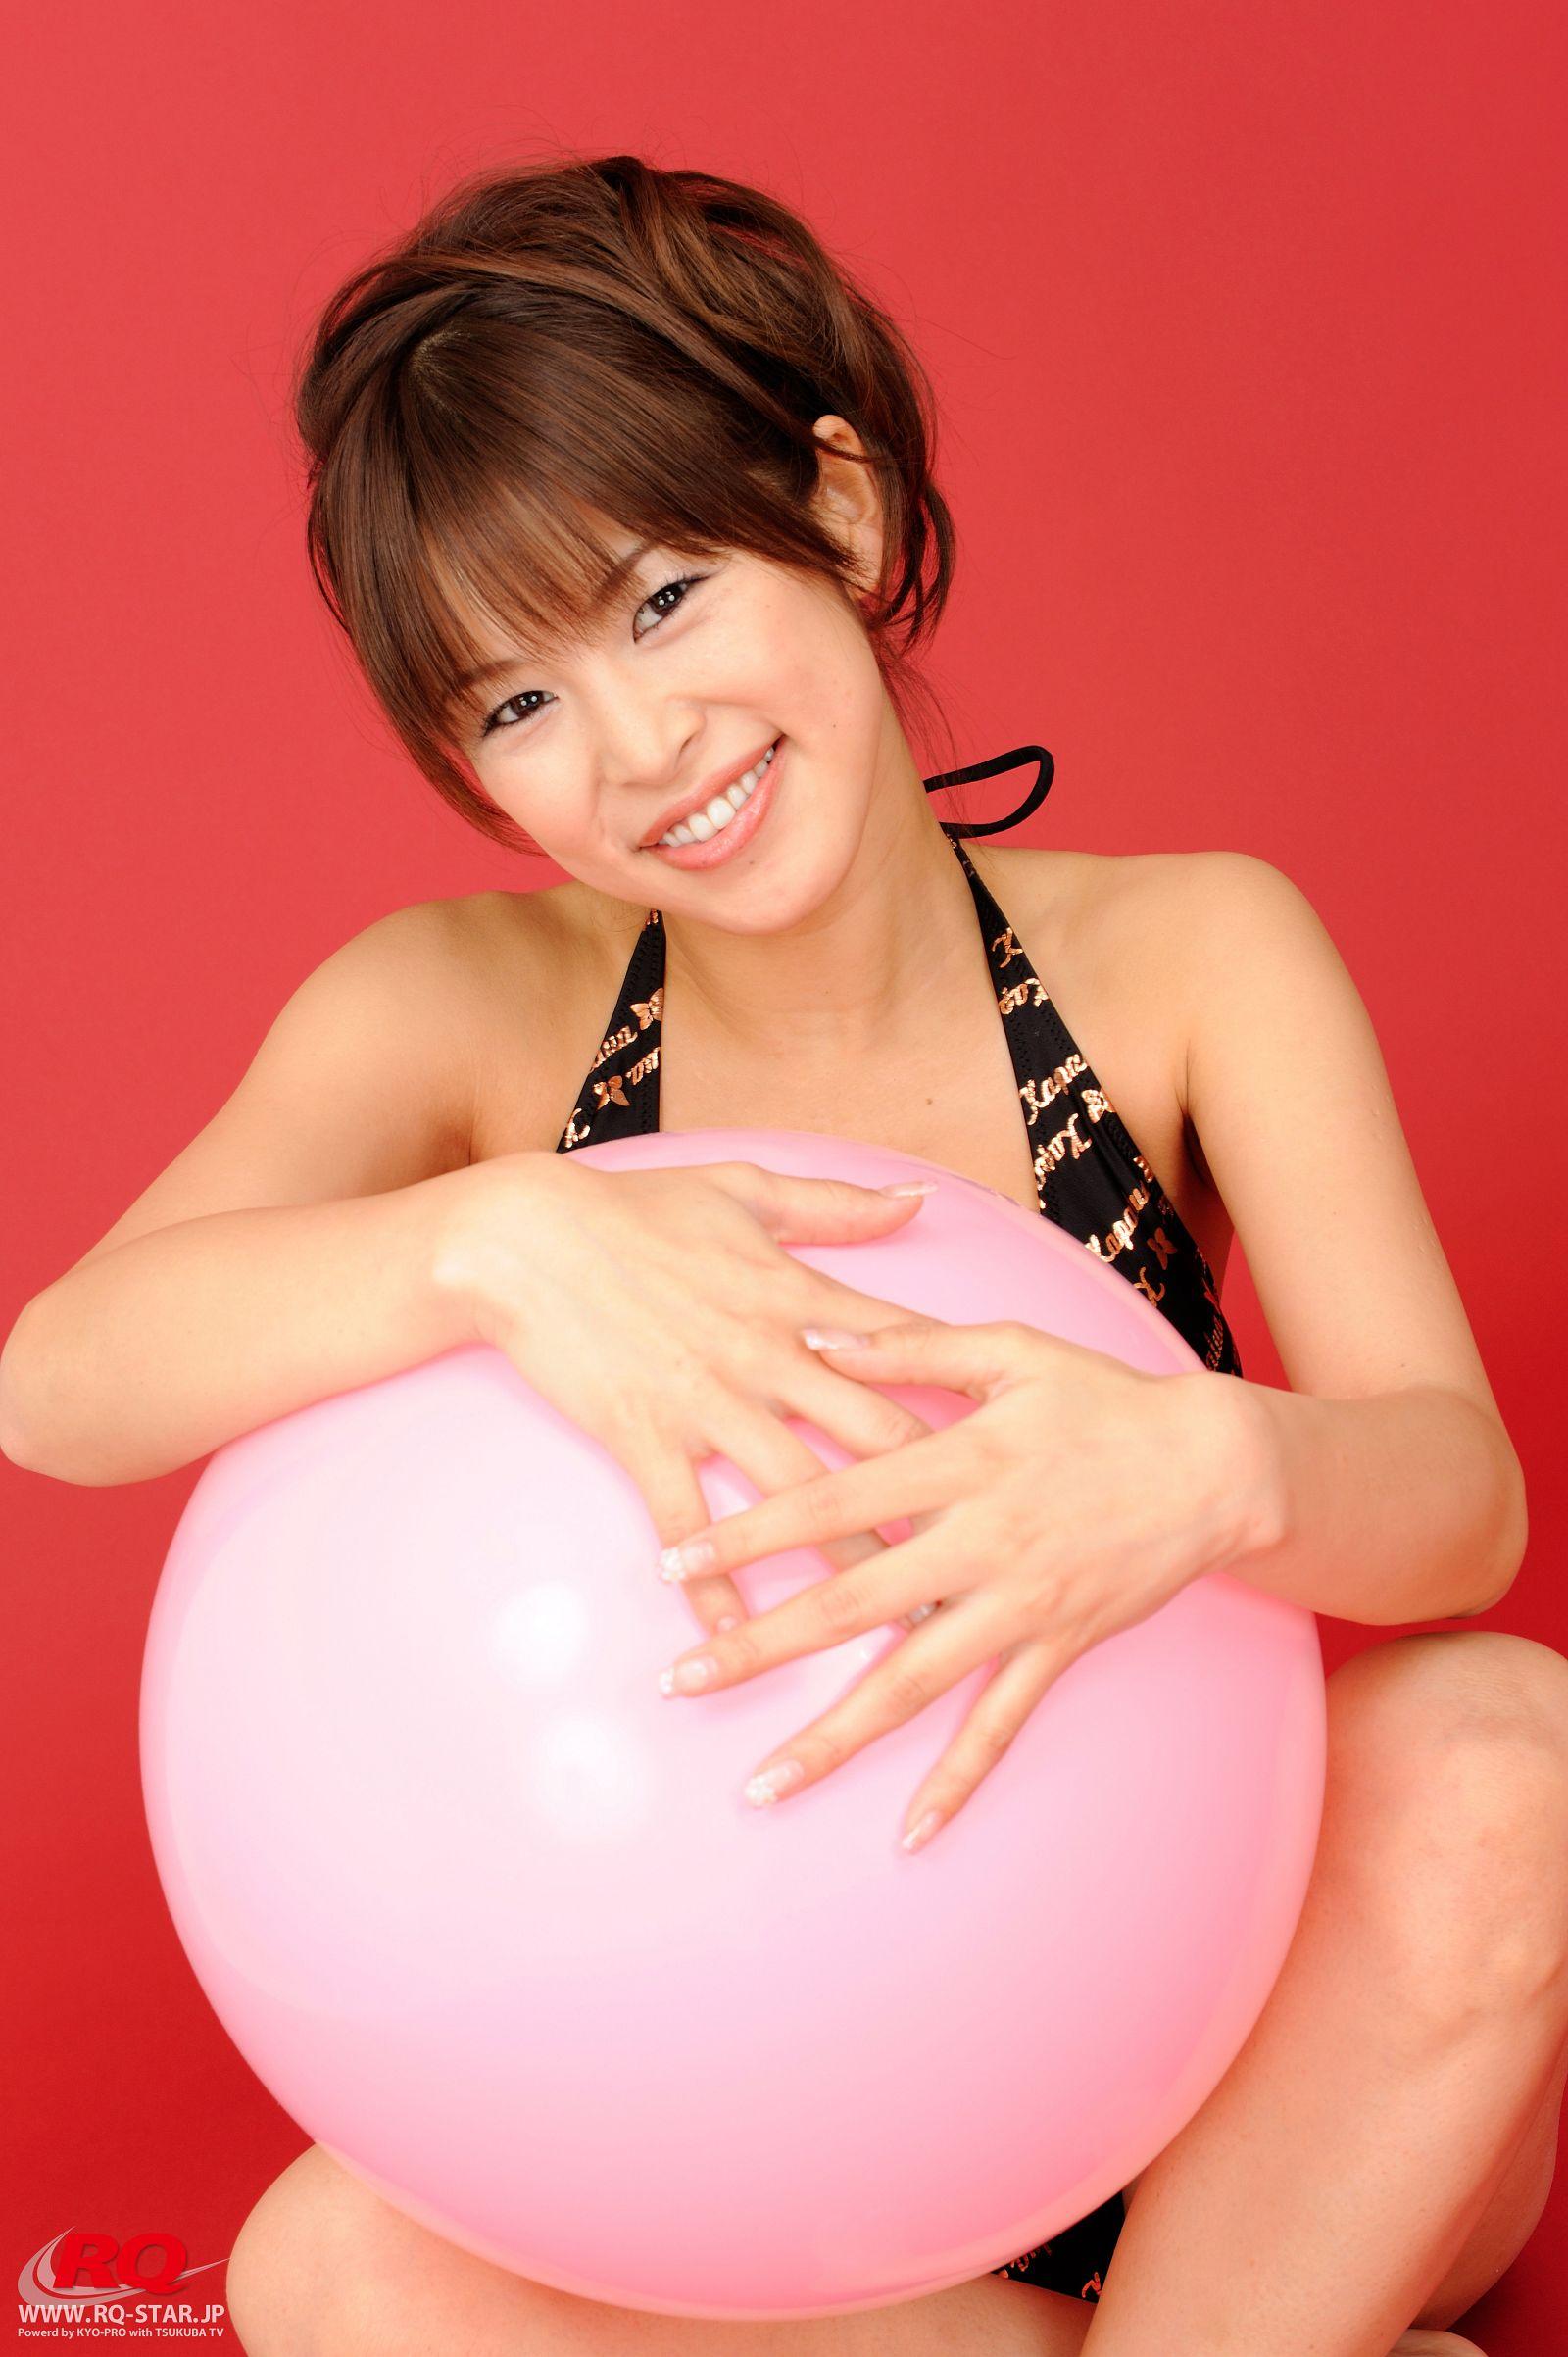 [RQ STAR美女] NO.01107 Umi Kurihara 栗原海 Swim Suits[140P] RQ STAR 第3张